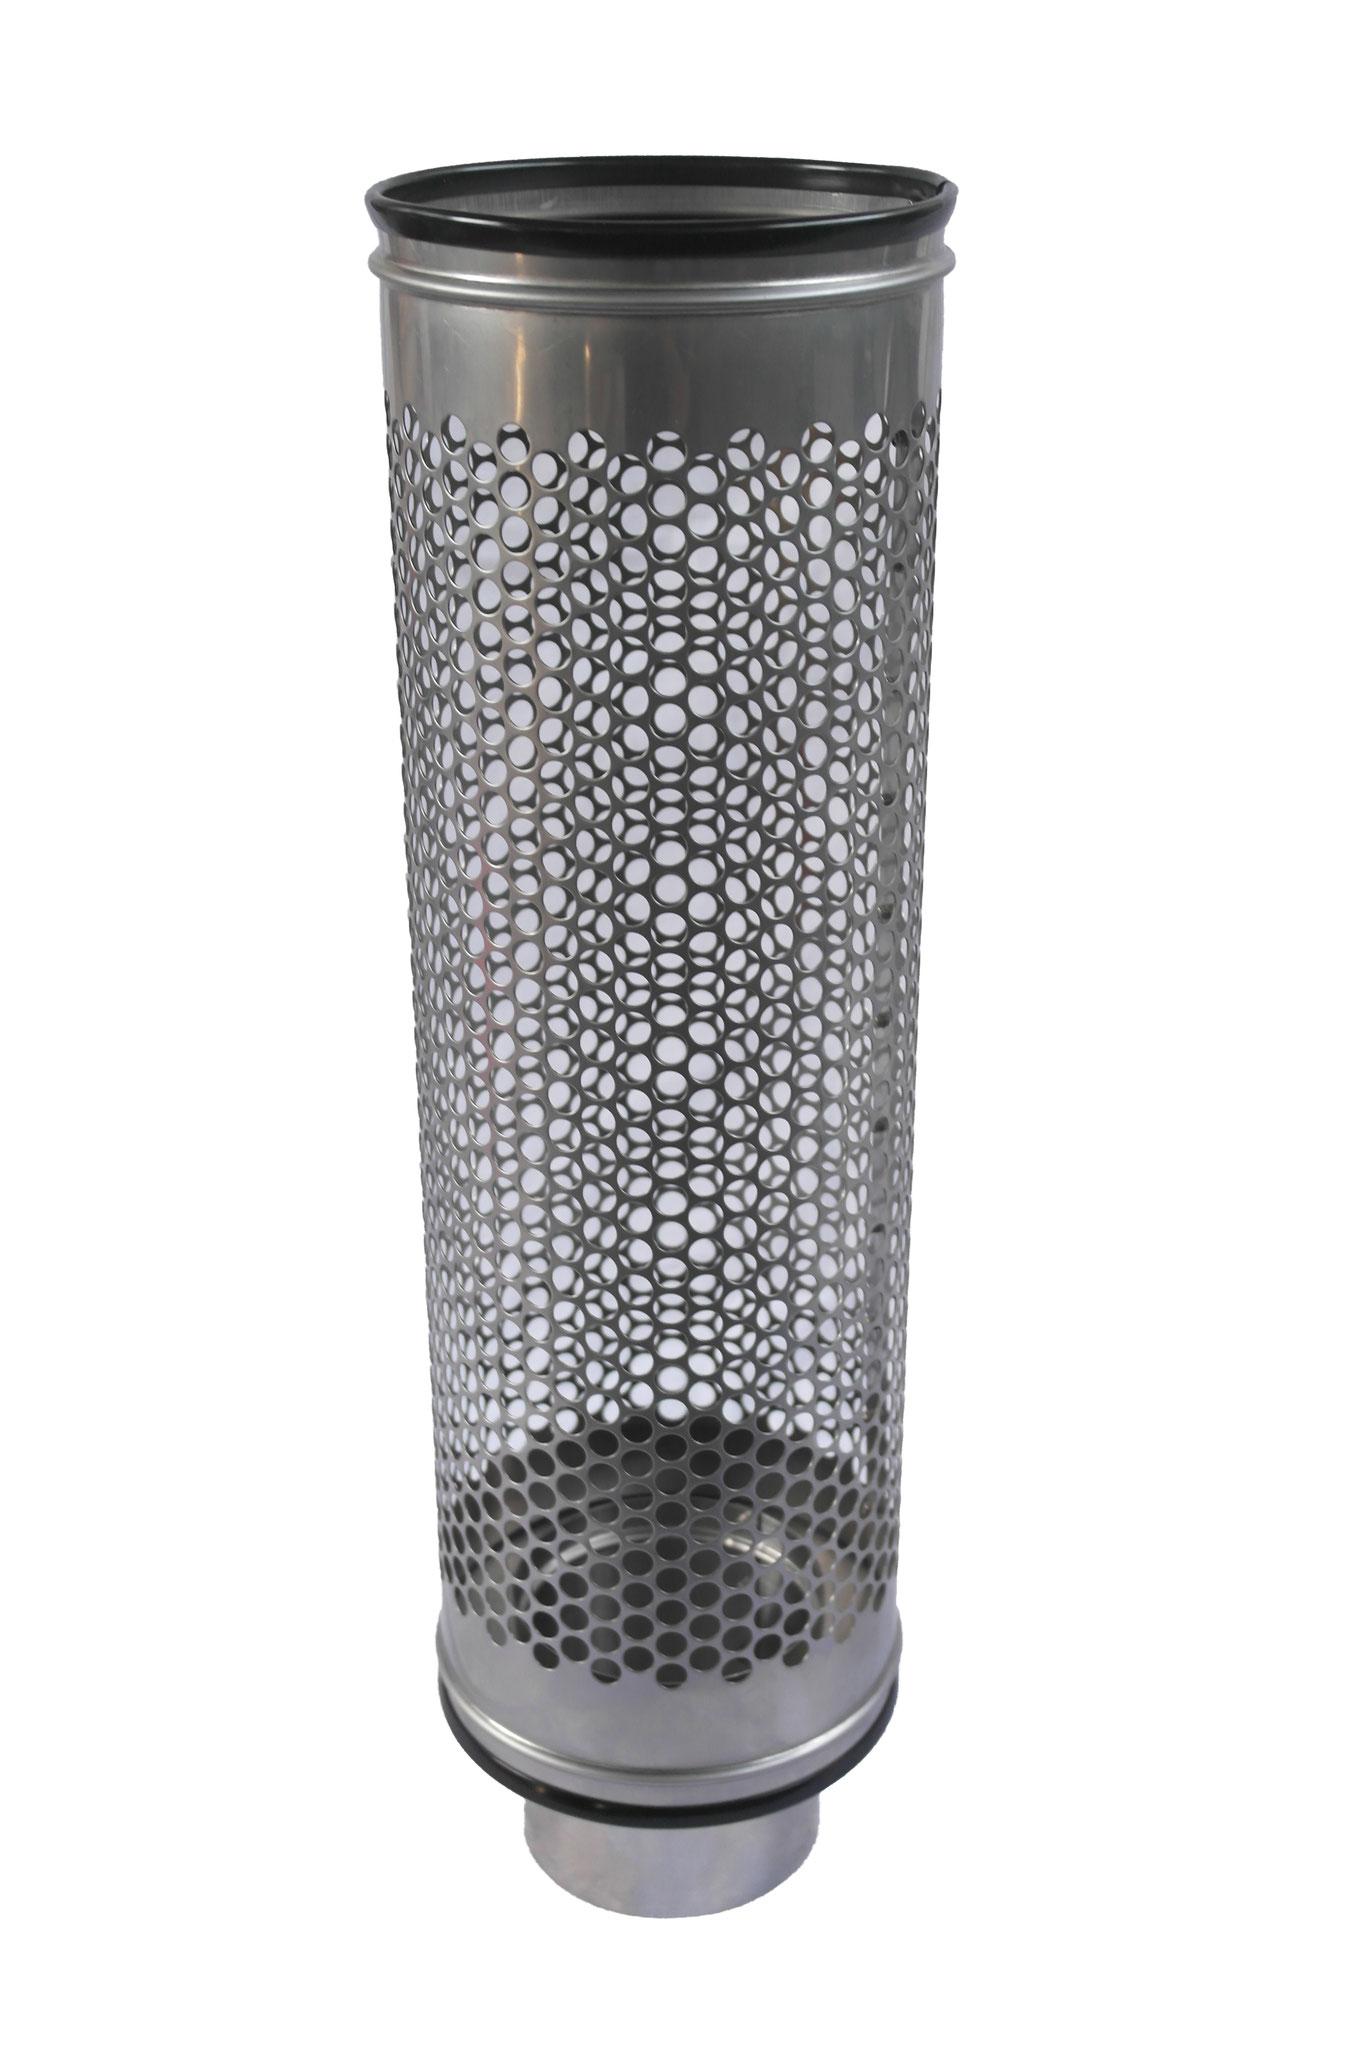 Siebrohr für 110 KG Rohr Reduziert von 200er Siebrohr einseitig verschlossen